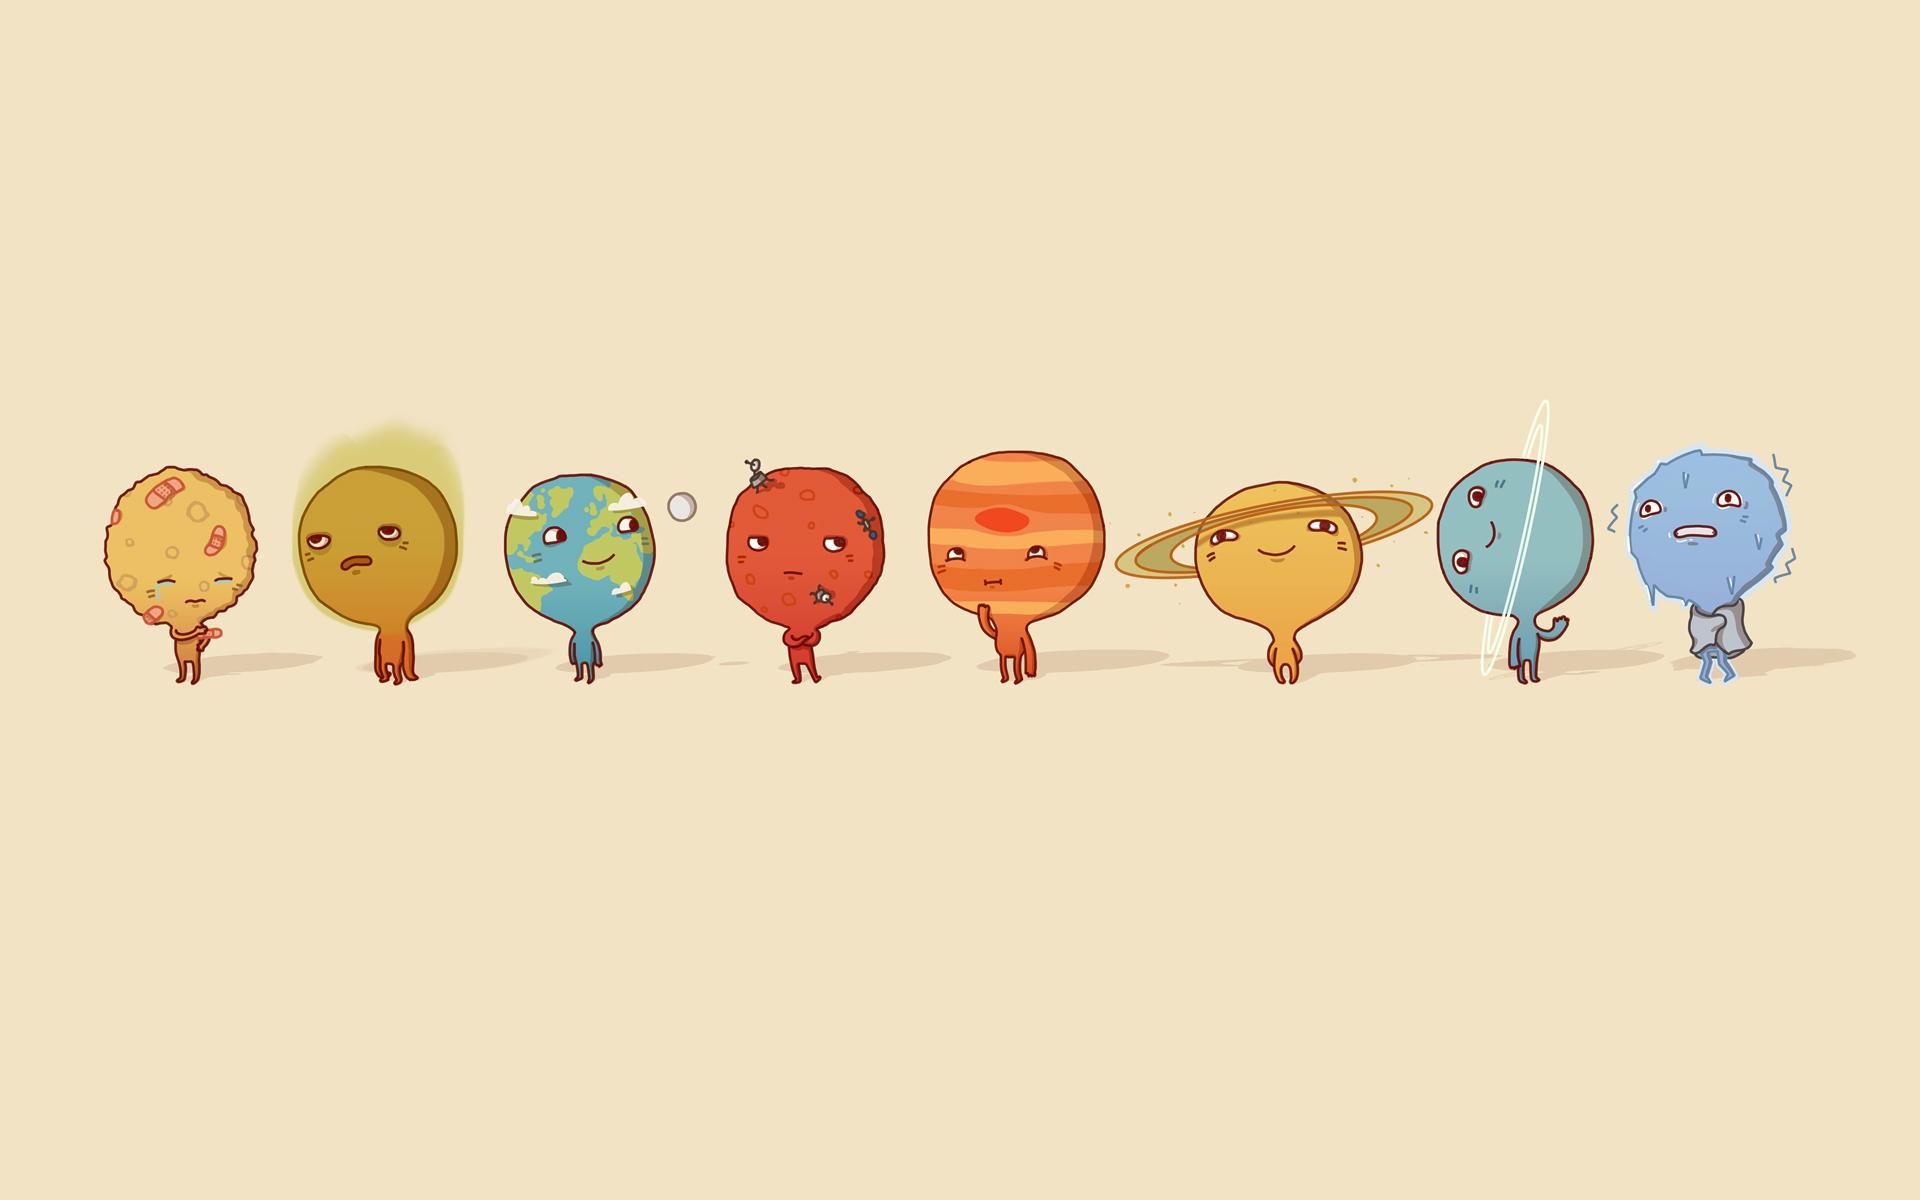 Пожелание, прикольные картинки про планеты